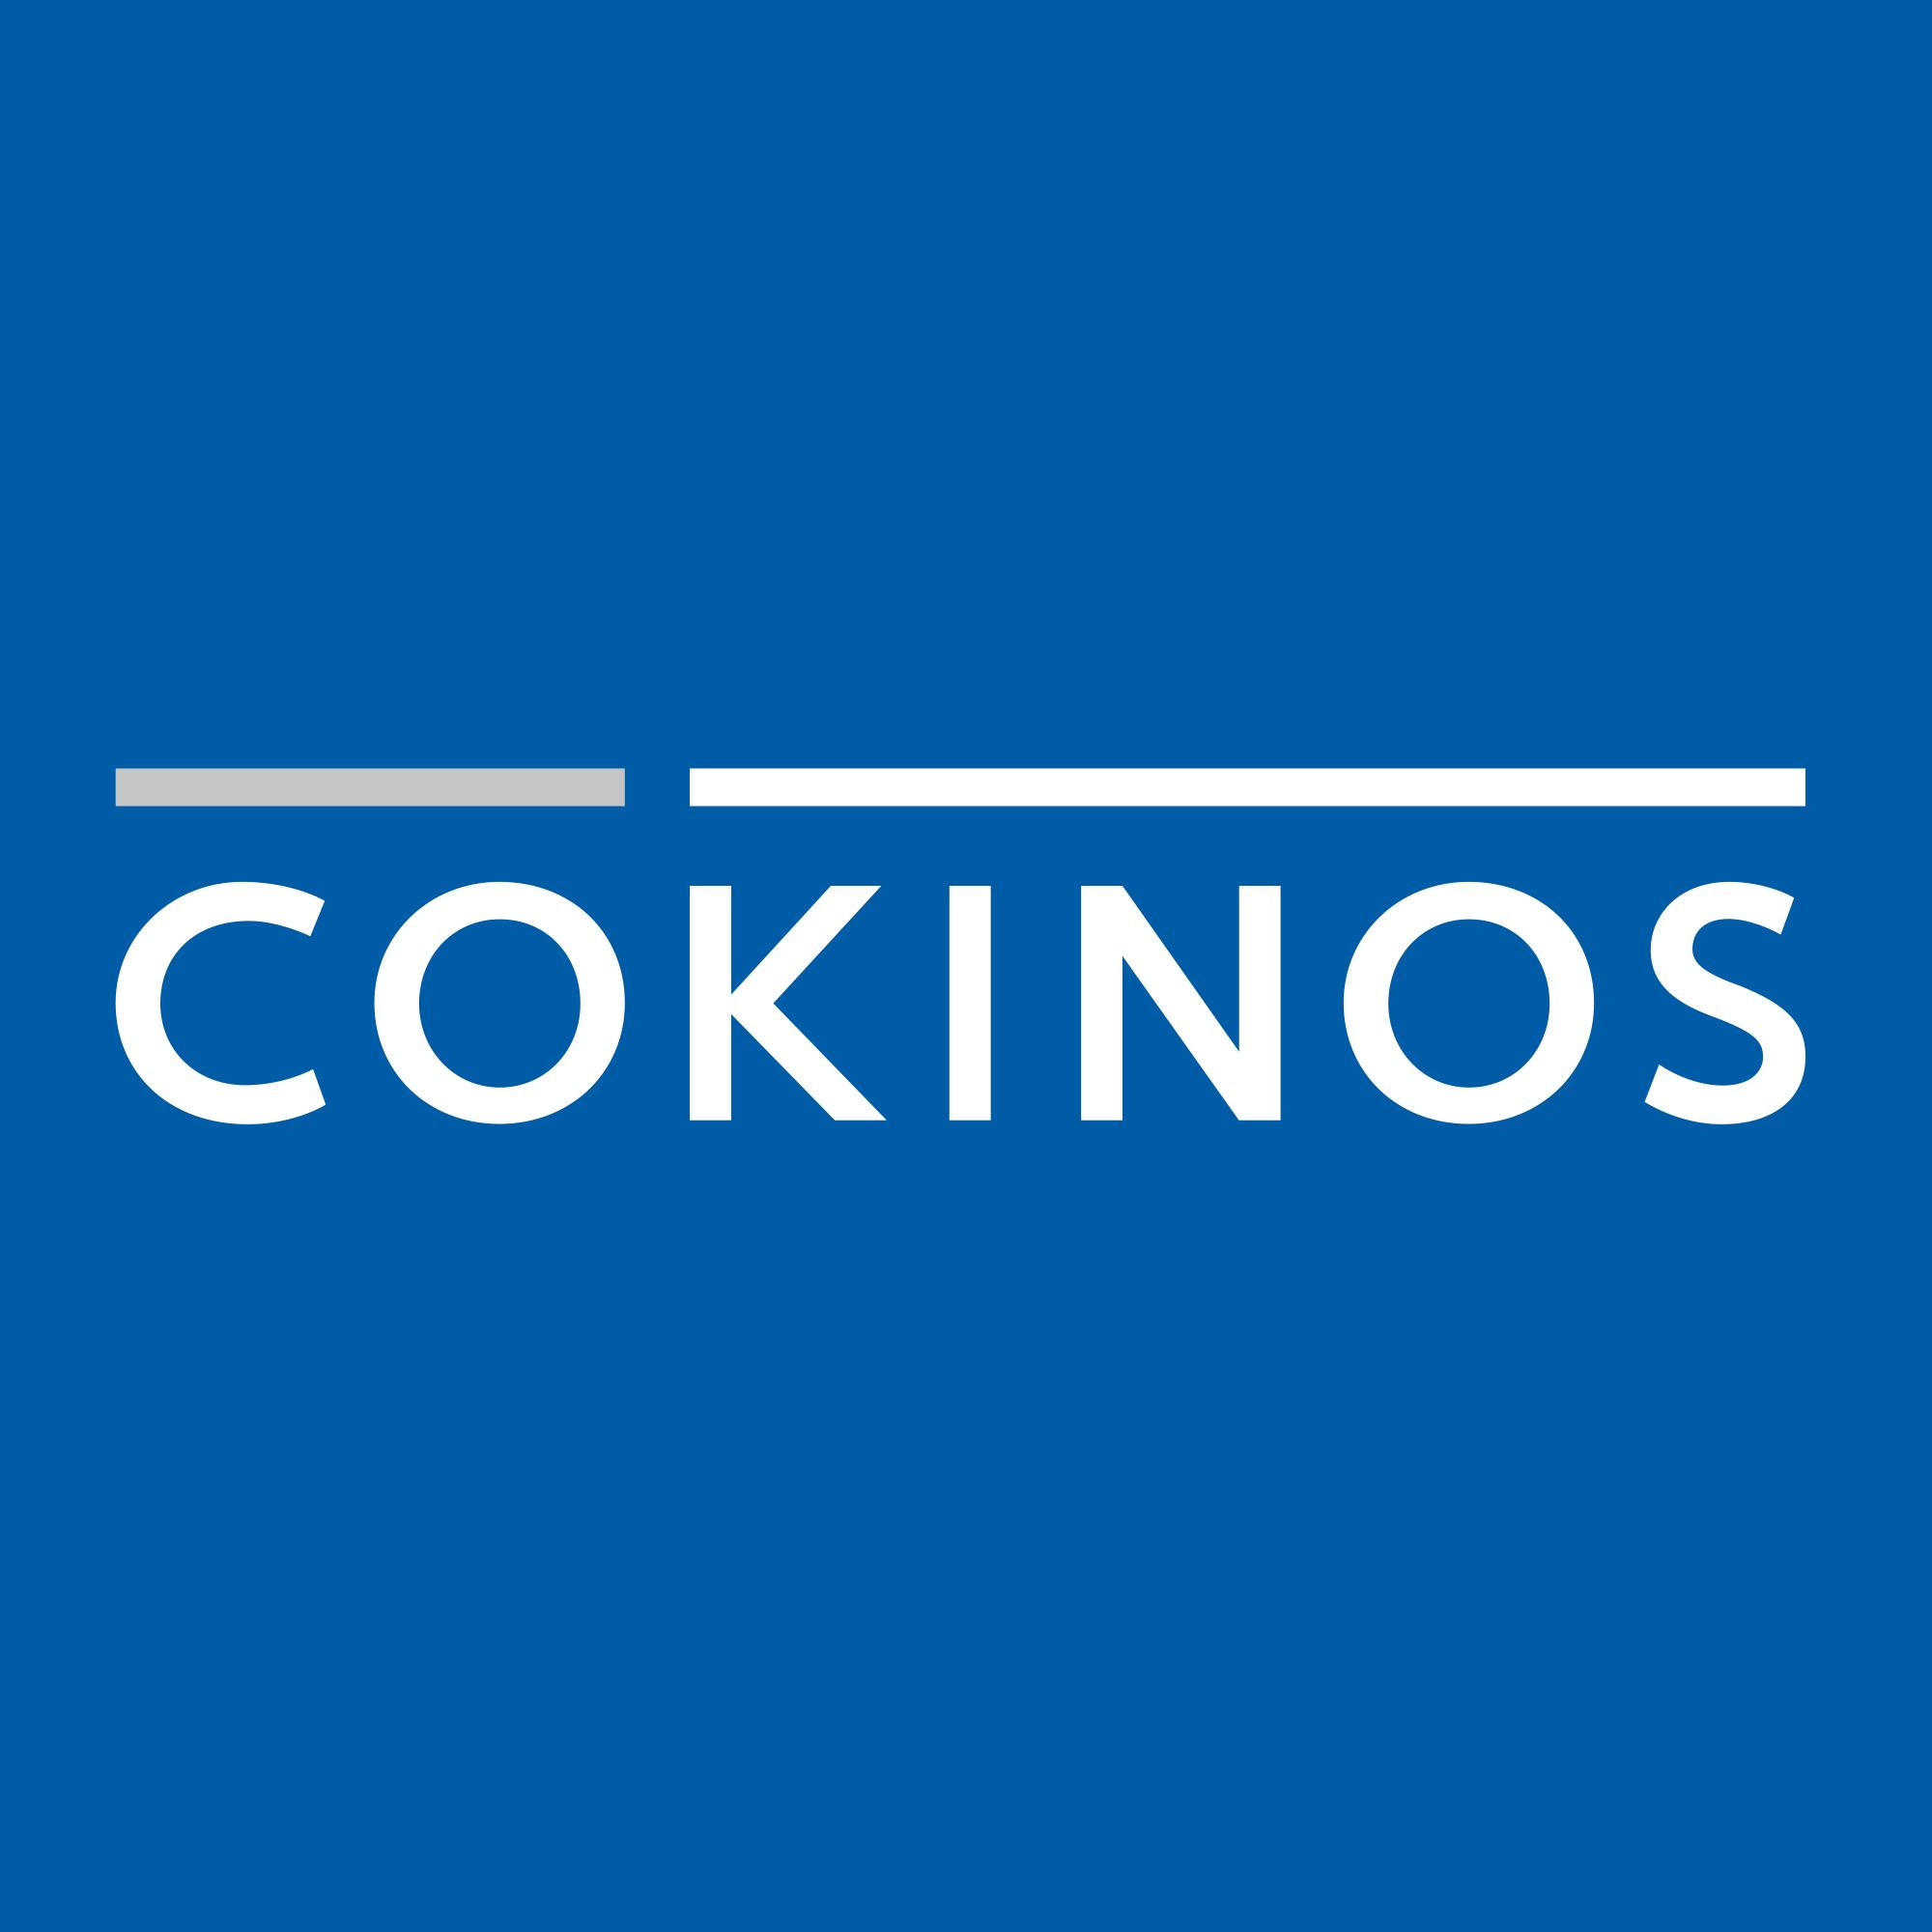 Cokinos_RGB.jpg